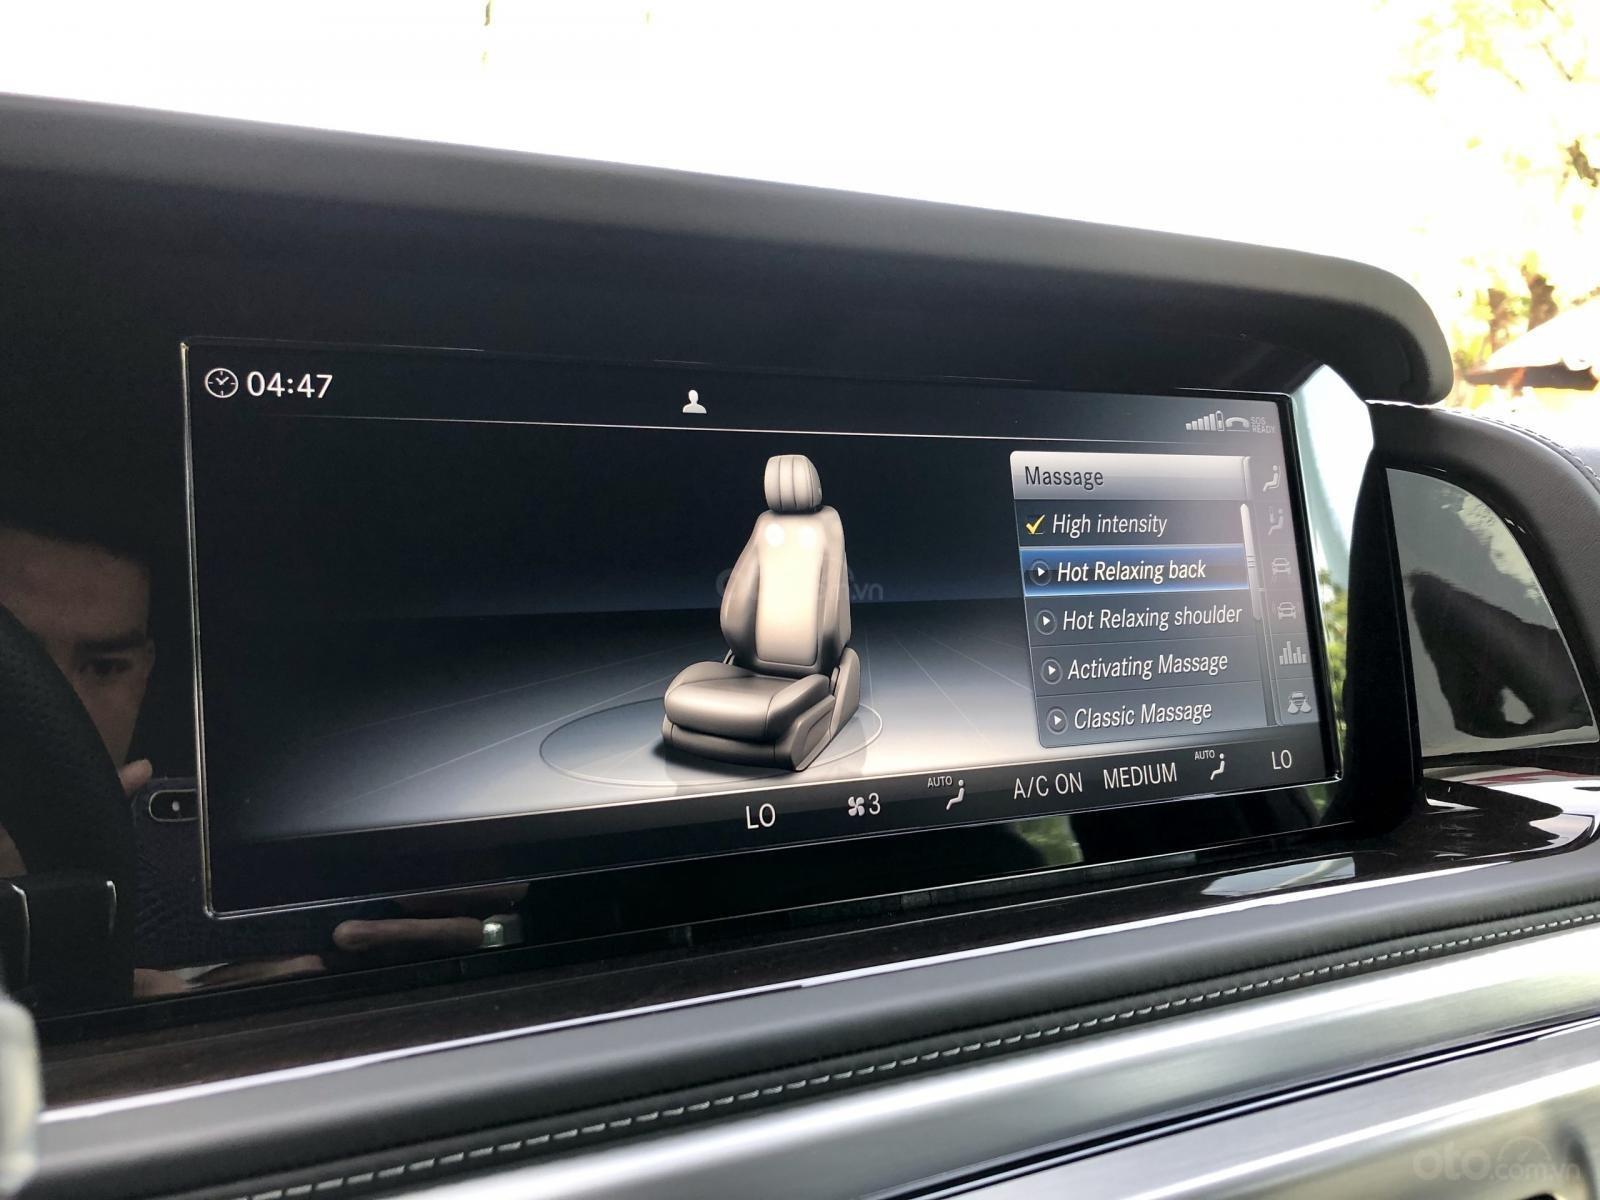 Mercedes G63 AMG 2021 Hà Nội. Giá tốt, giao xe ngay toàn quốc (12)